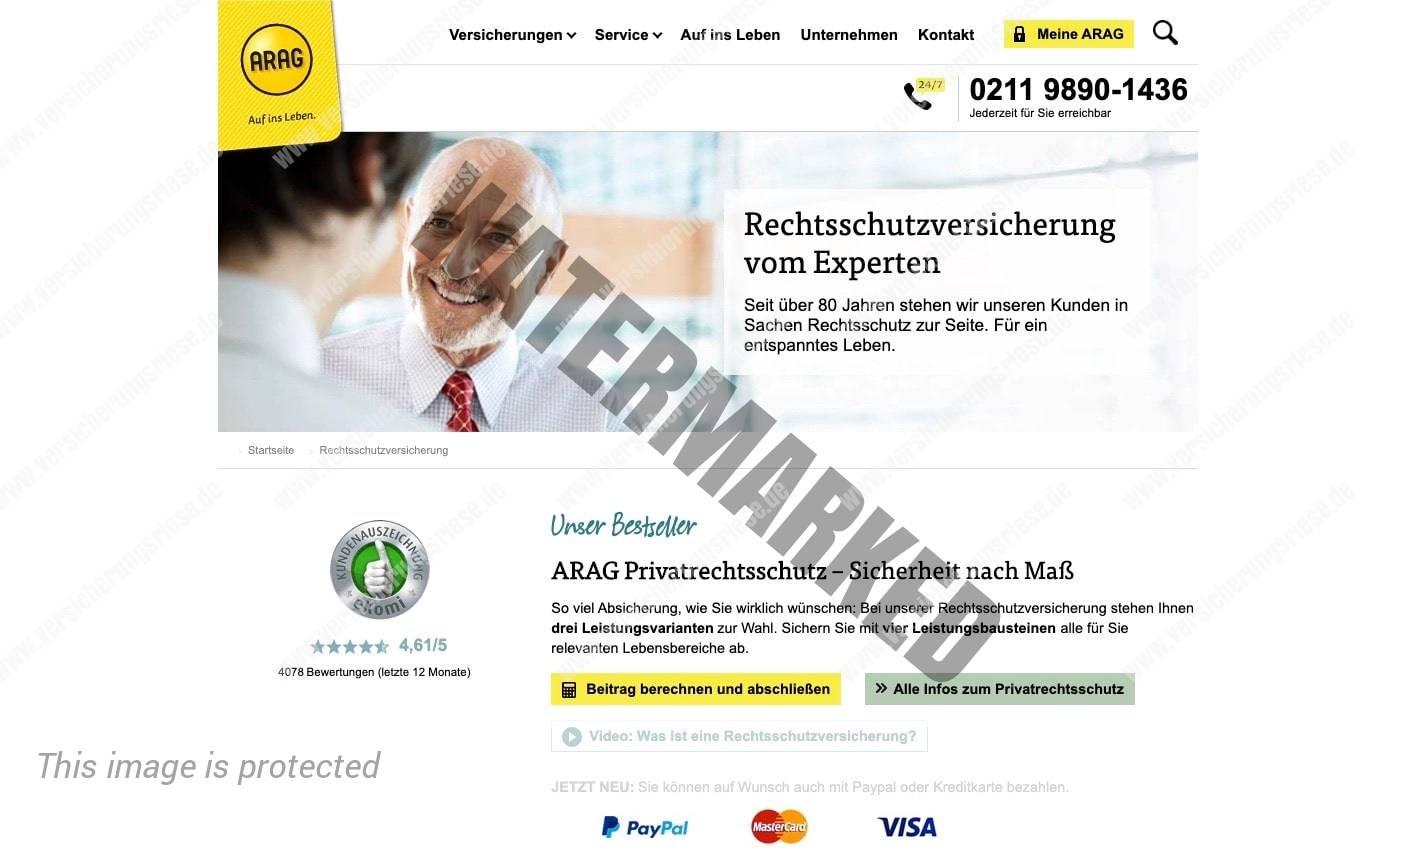 ARAG Rechtsschutzversicherung Webseite Screenshot